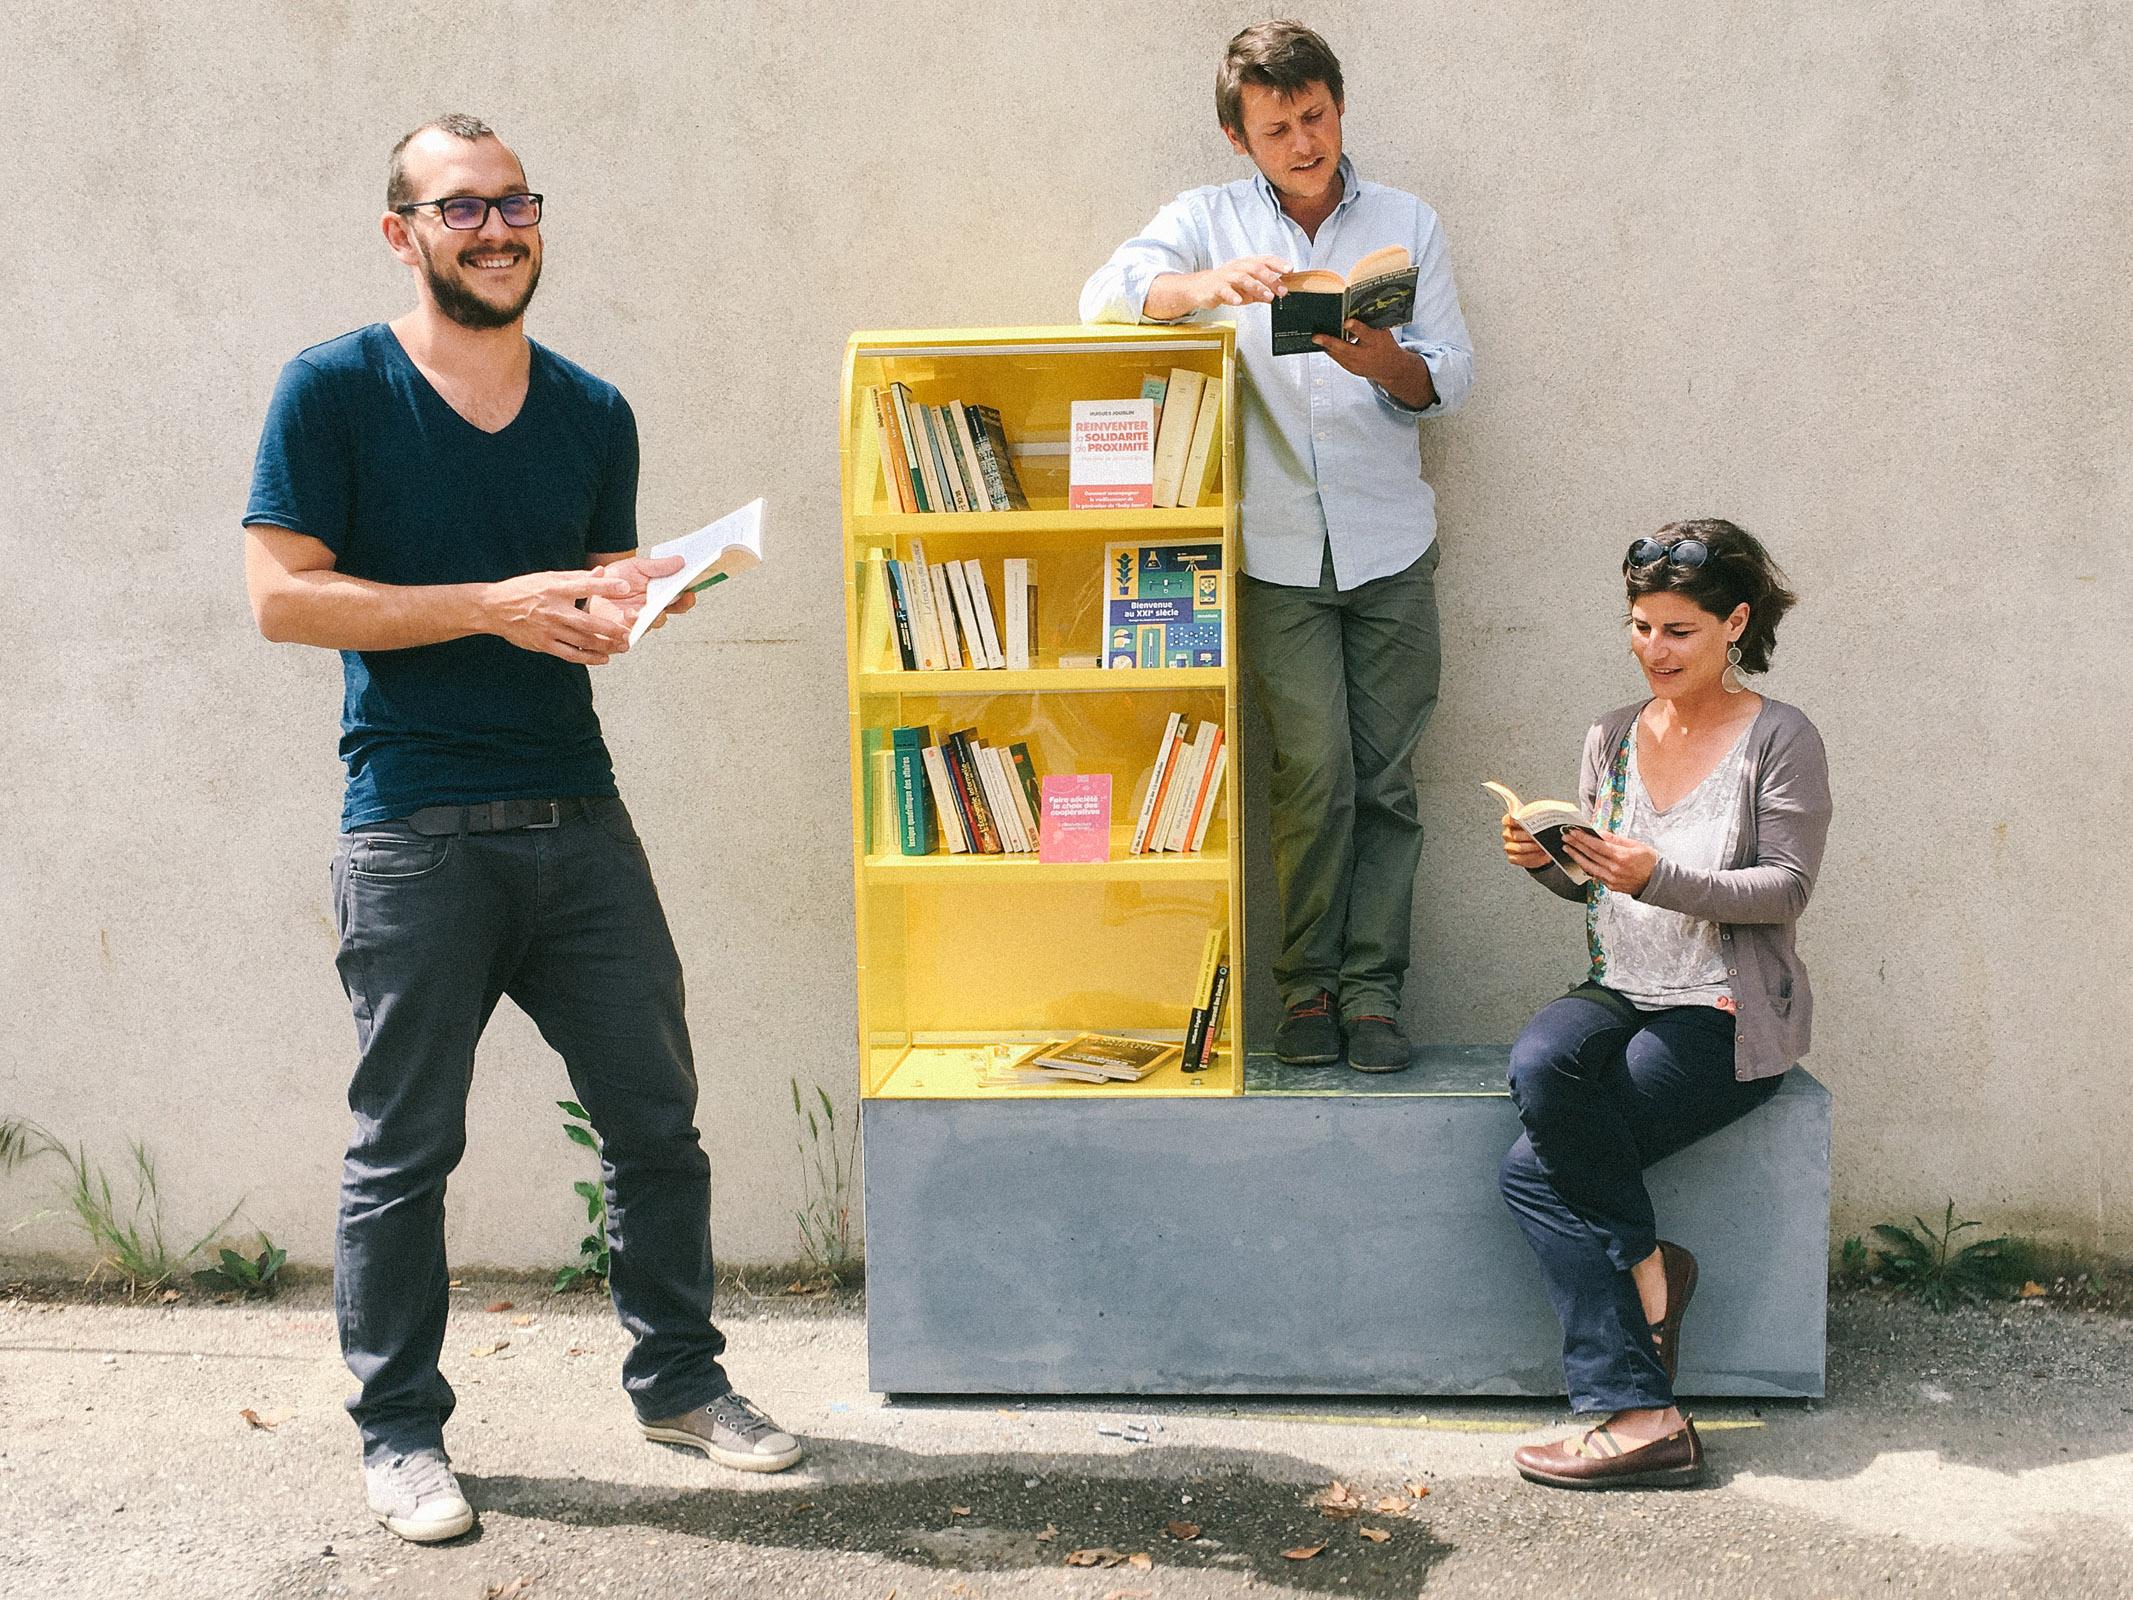 Toute l'équipe de Villages vivants réunie autour de la Givebox installé a l'usine vivante de Crest dans la Drôme.